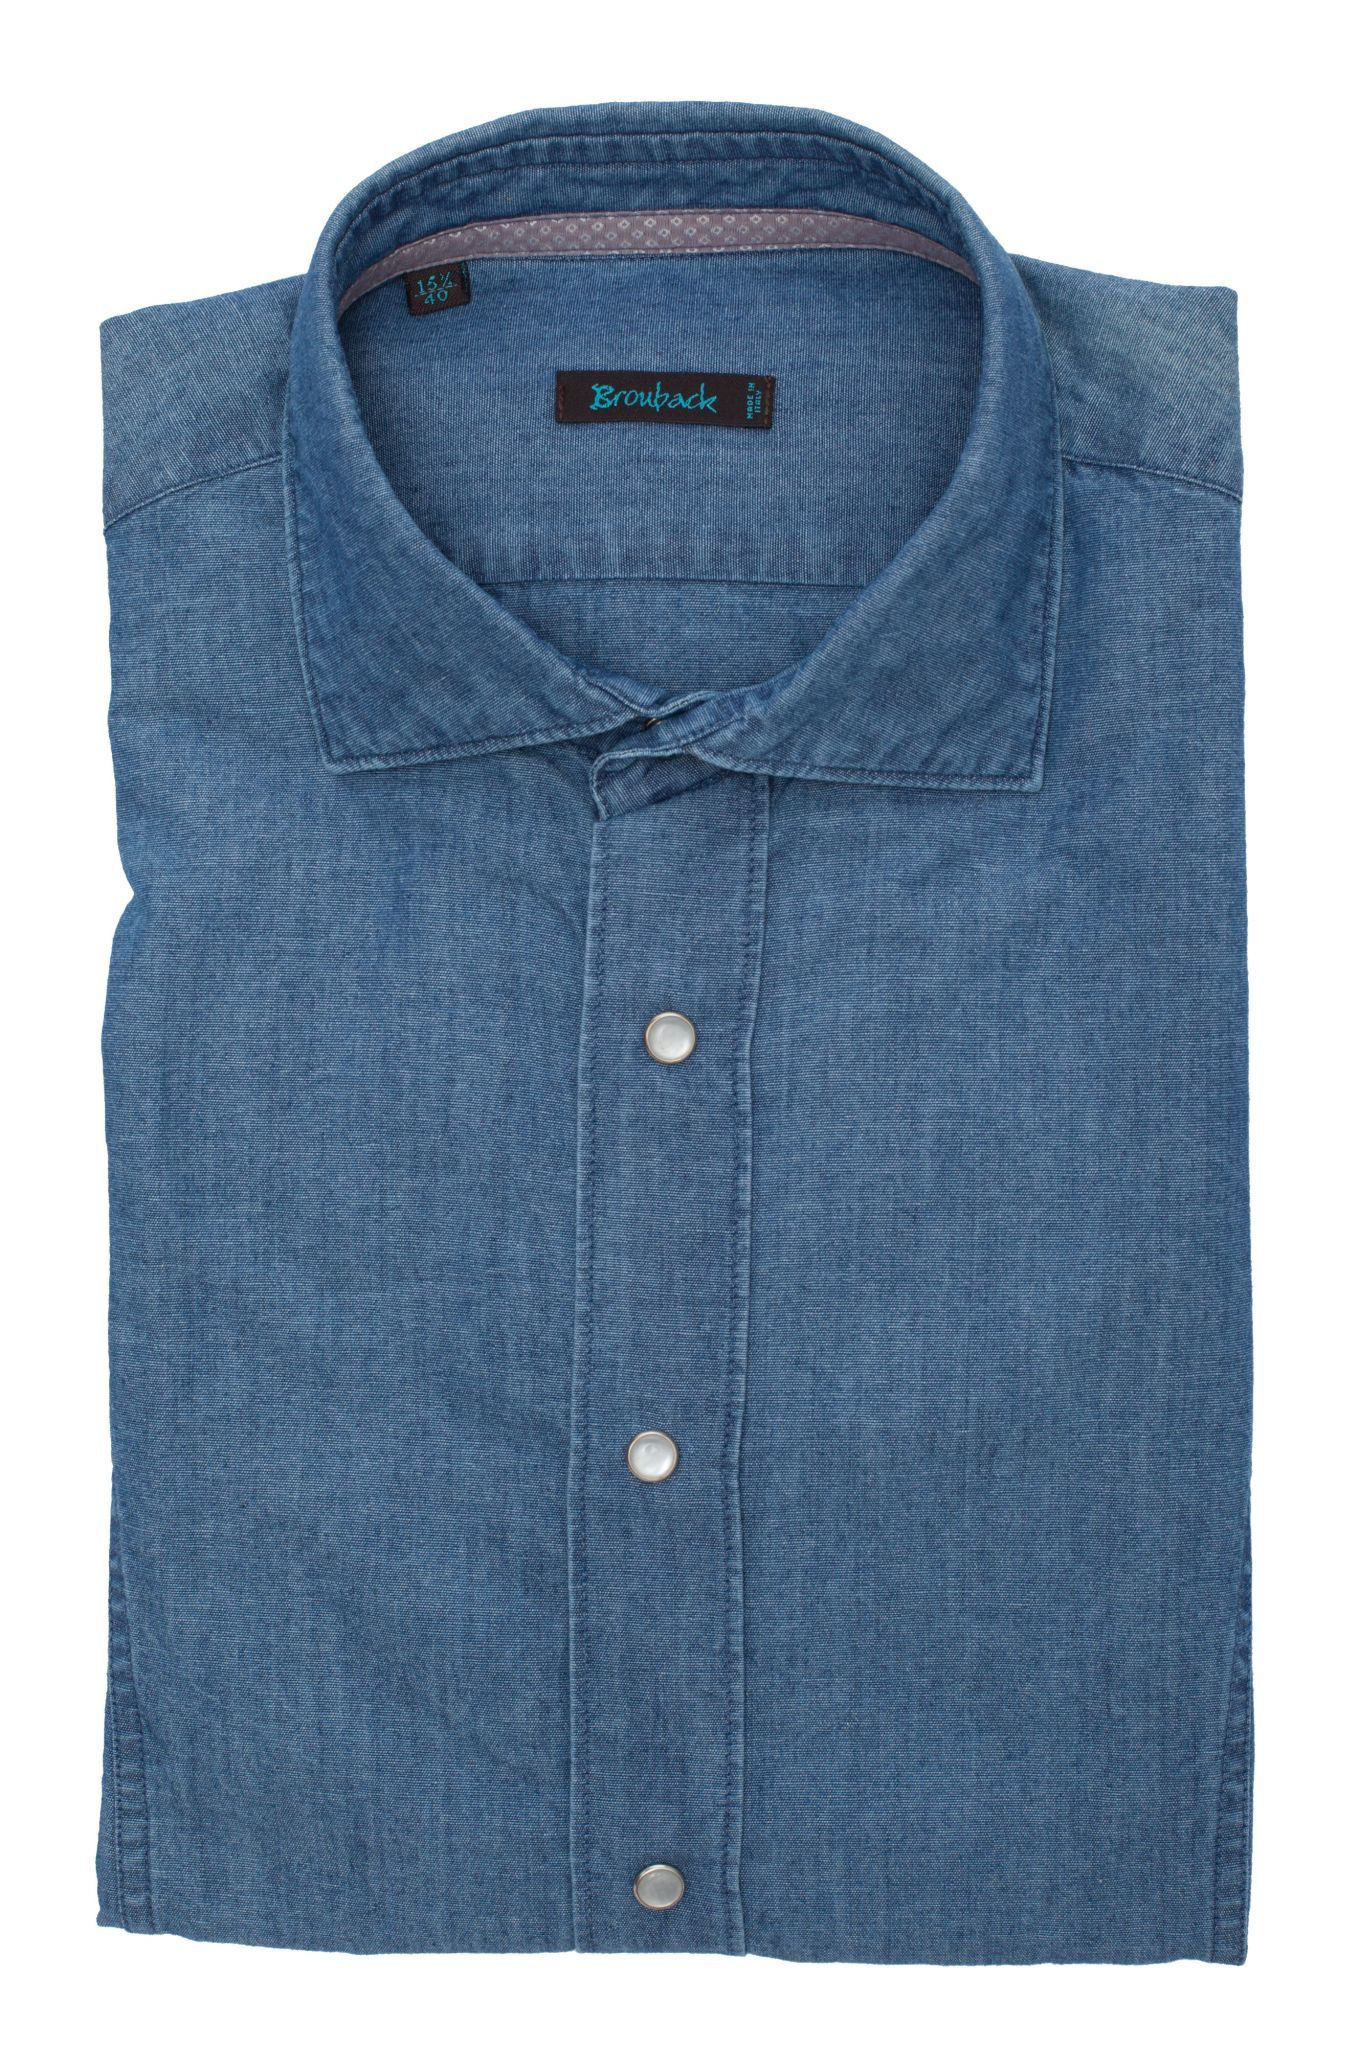 Синяя джинсовая рубашка со стеклянными белыми пуговицами-кнопками и шикарной верхней голубой